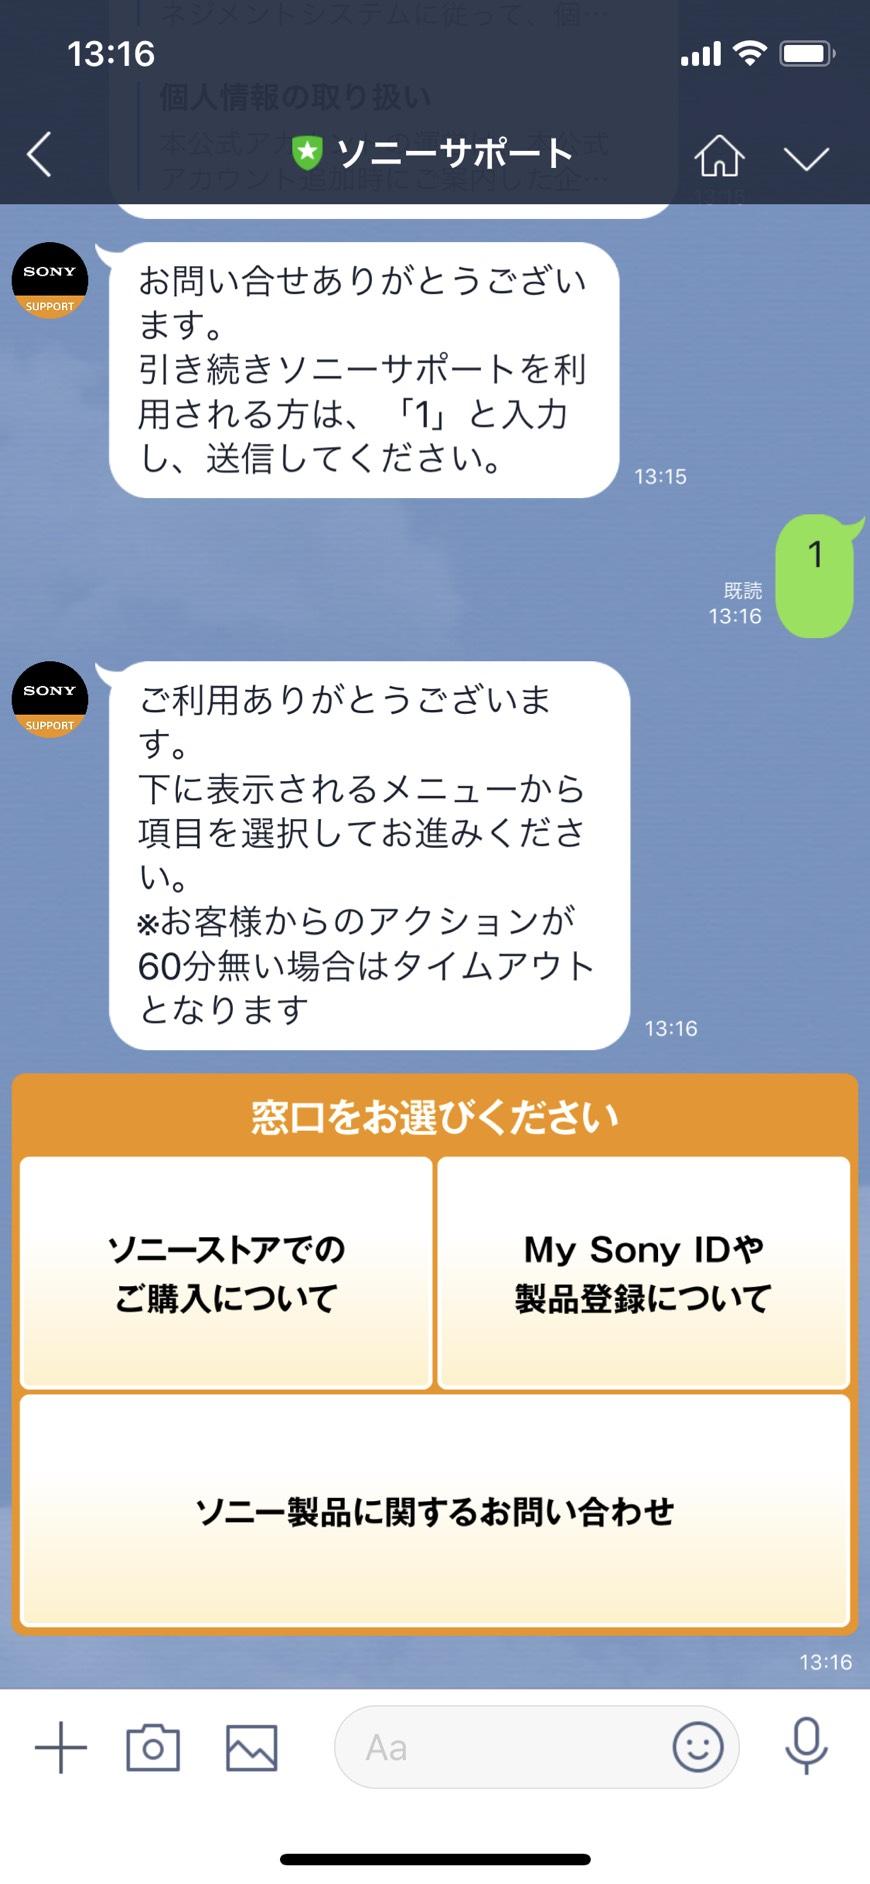 S  5136402 - 動画で学ぶLINEプロダクトローンチの始め方(田窪洋士)は危険!?DRMにおけるLINE活用術